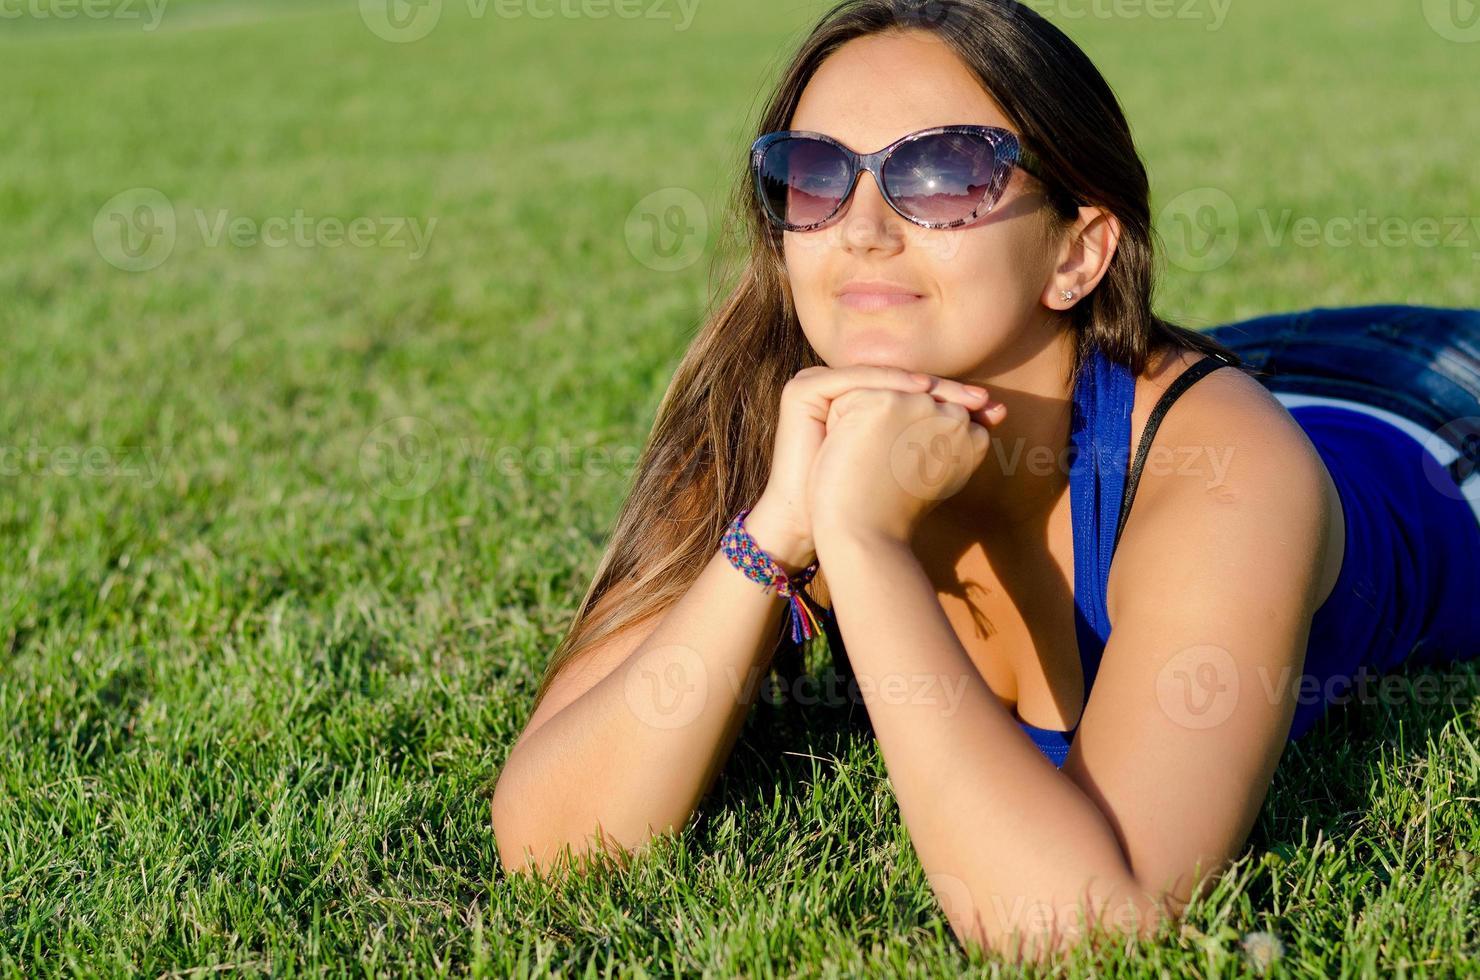 donna che gode del sole foto